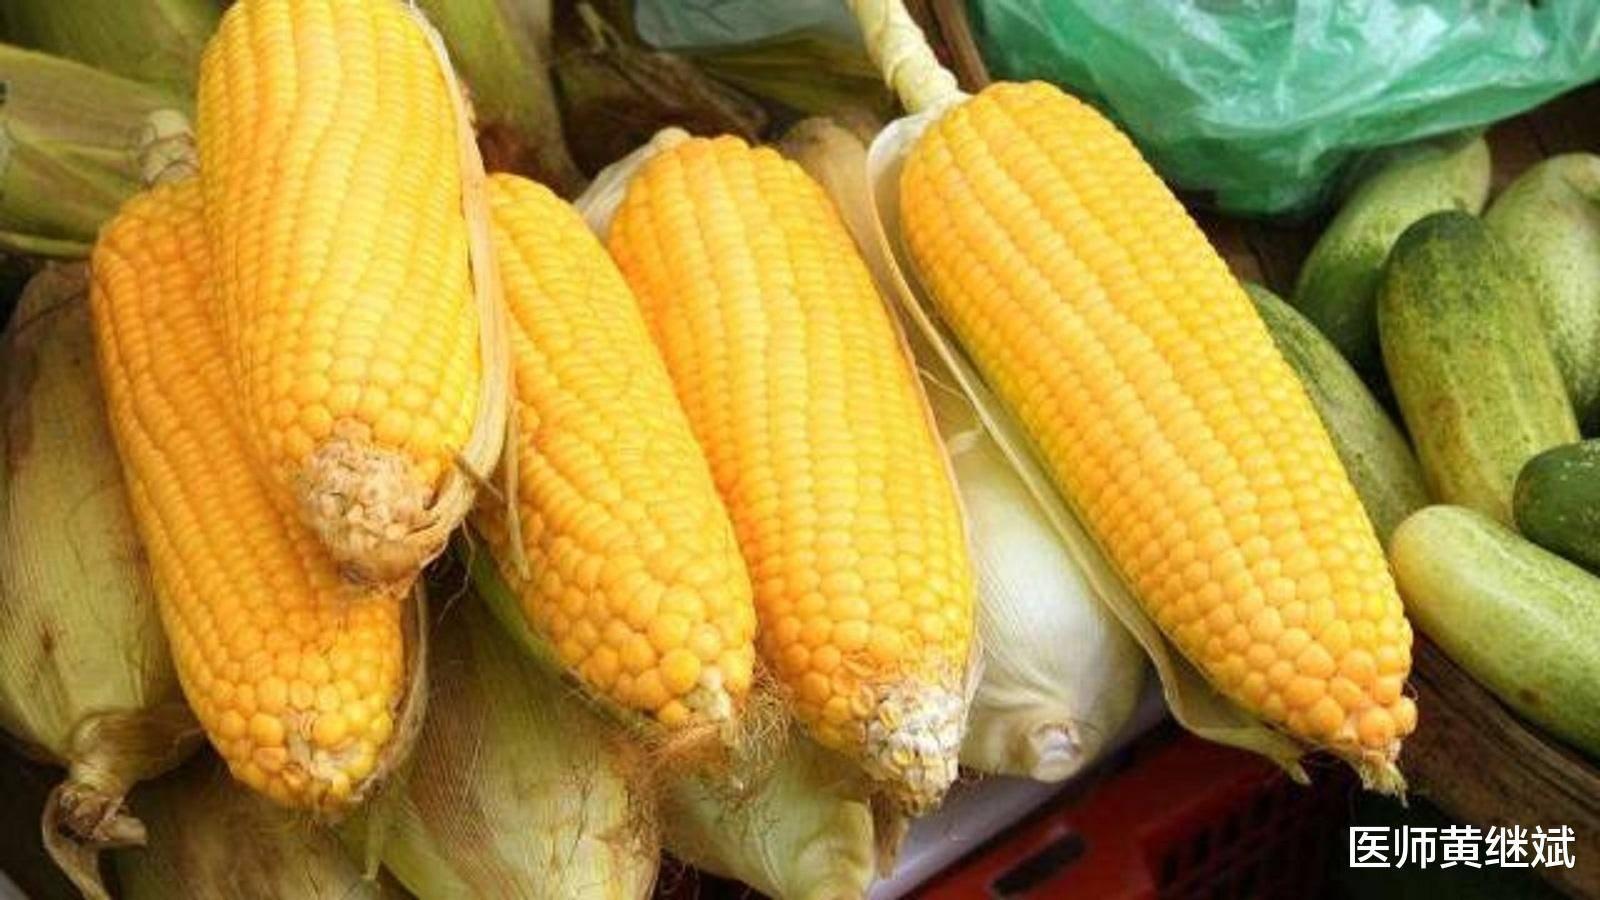 常被作为减肥代餐,甜玉米vs糯玉米,哪个减肥效果更好?